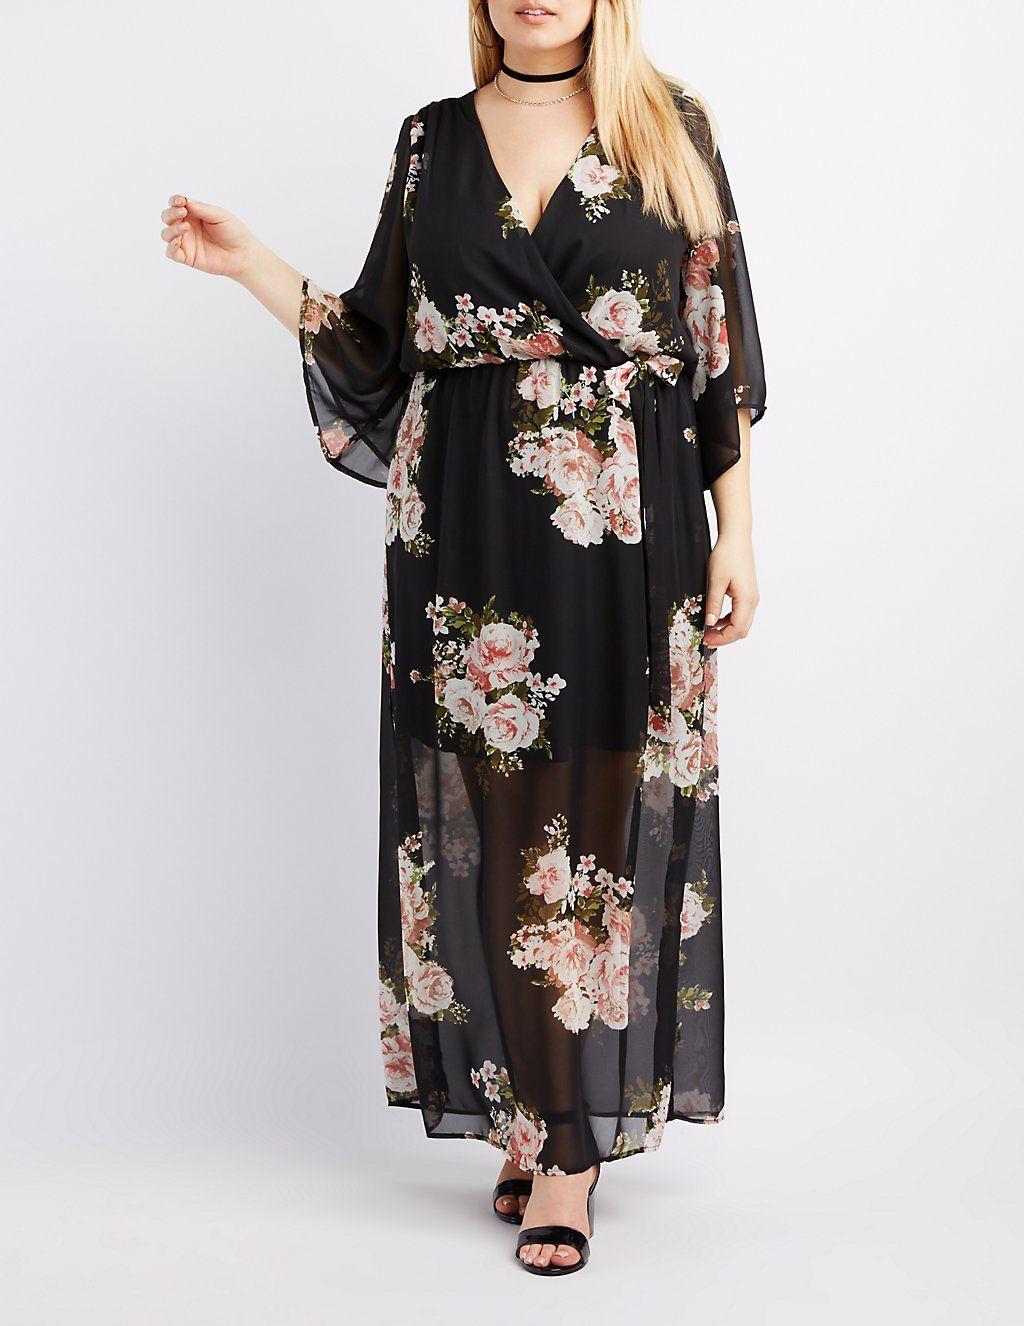 Plus Size Floral Kimono Sleeve Maxi Dress | Maxi dress with ...